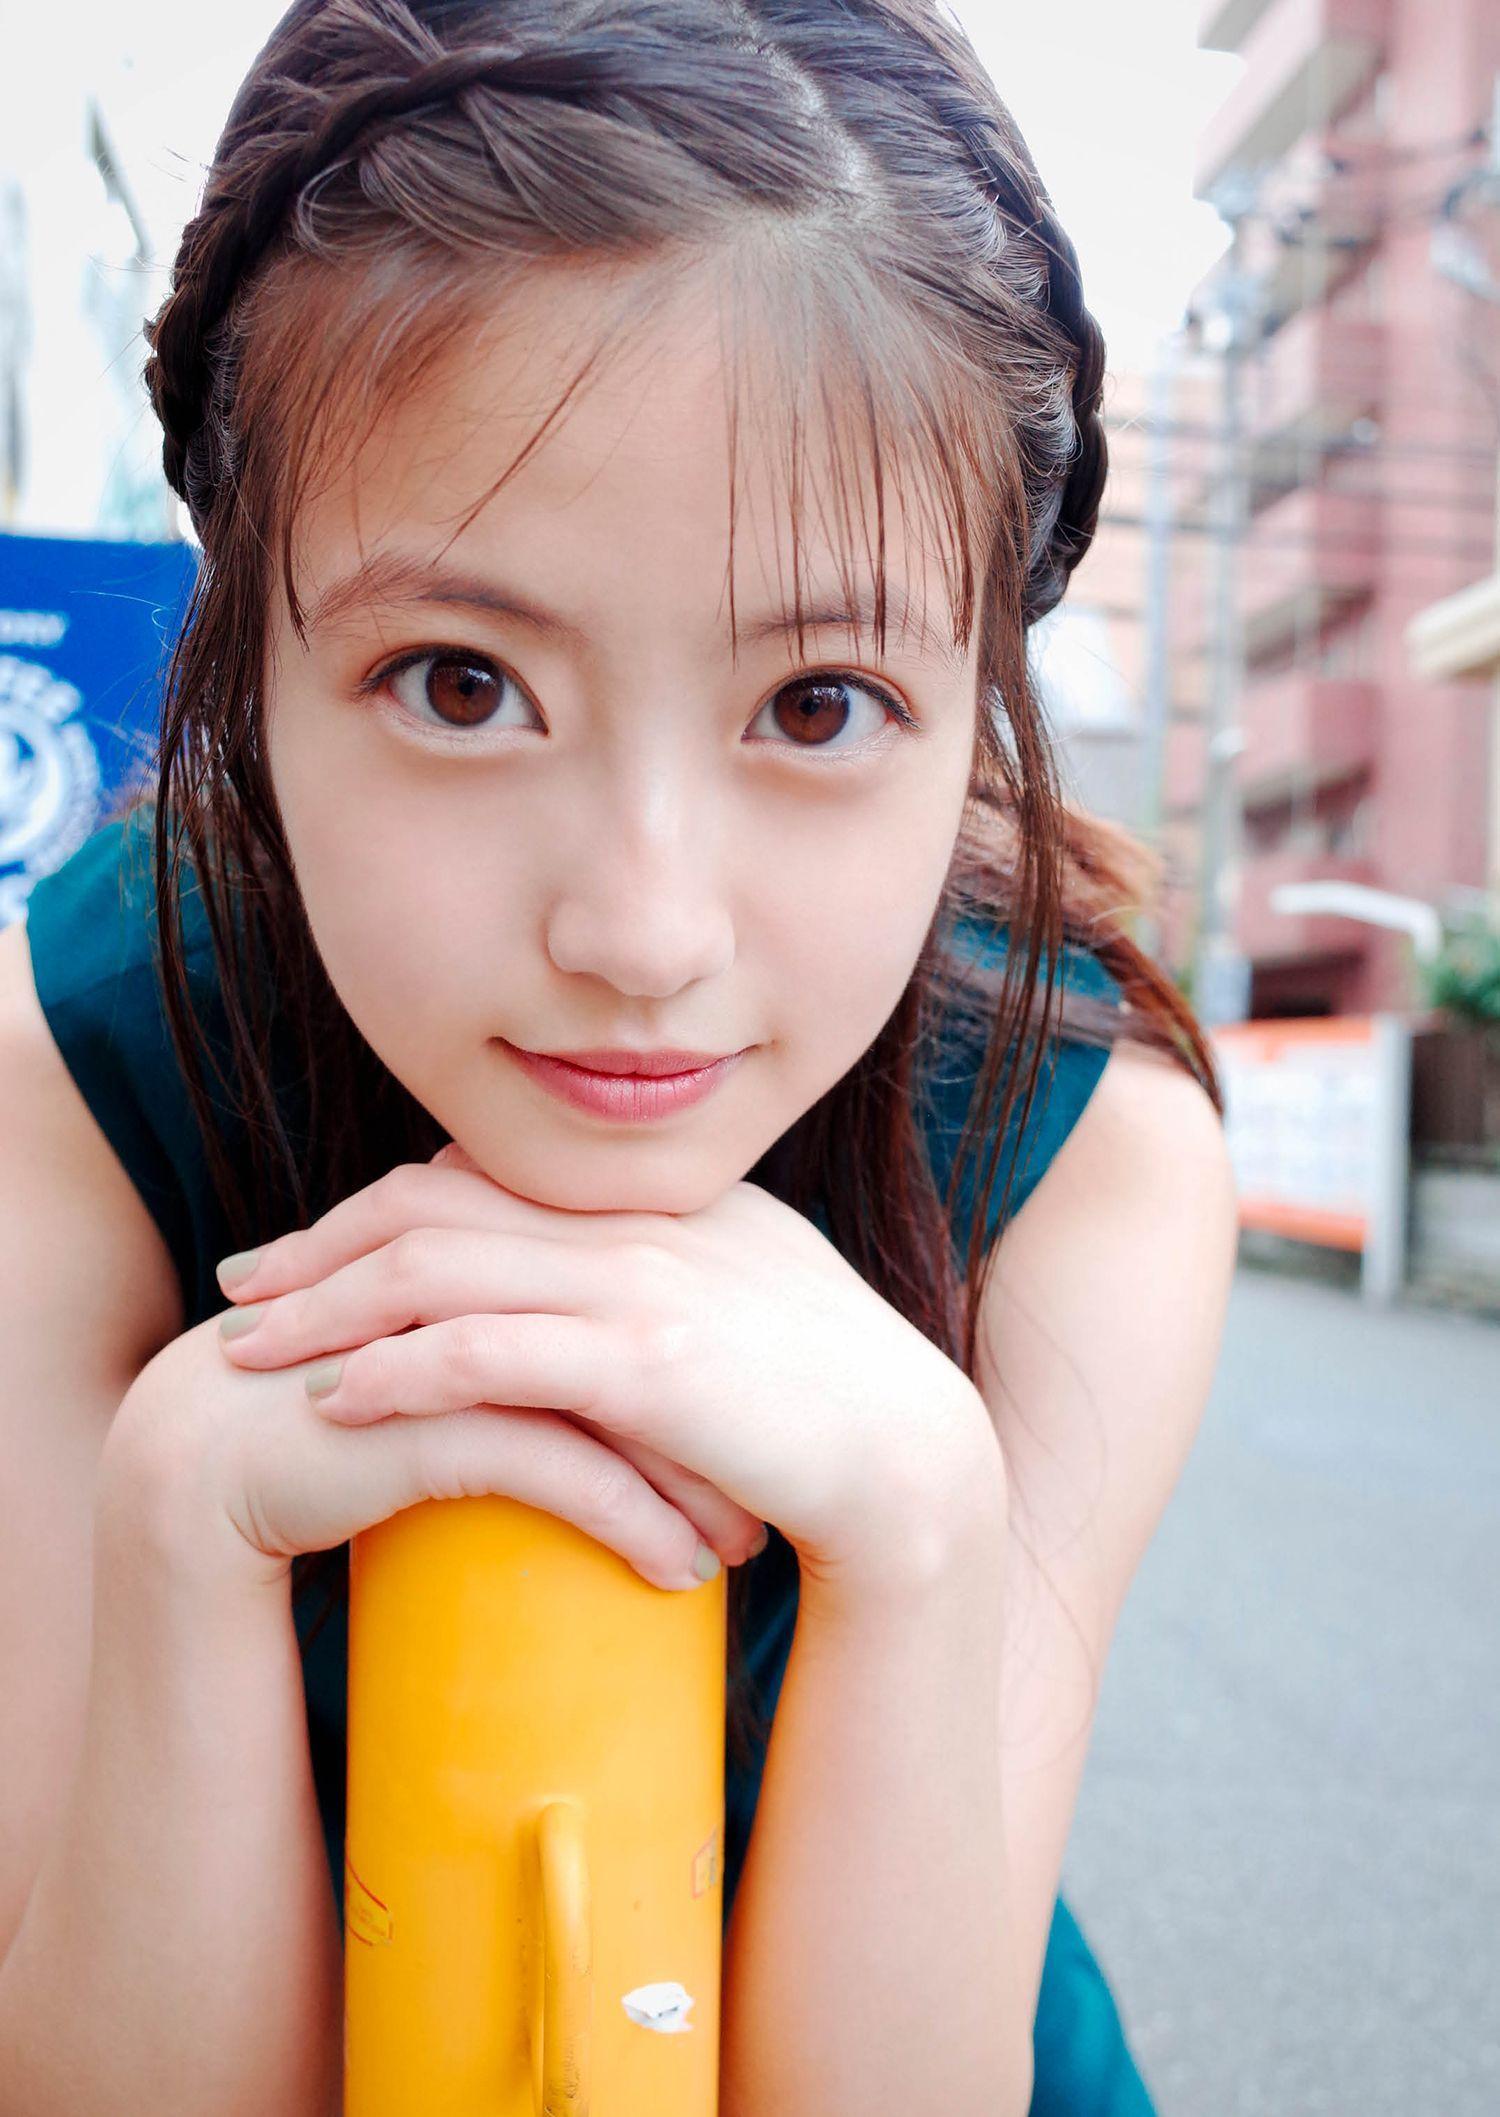 今田美樱Weekly Playboy写真集「スタミナ」 养眼图片 第19张